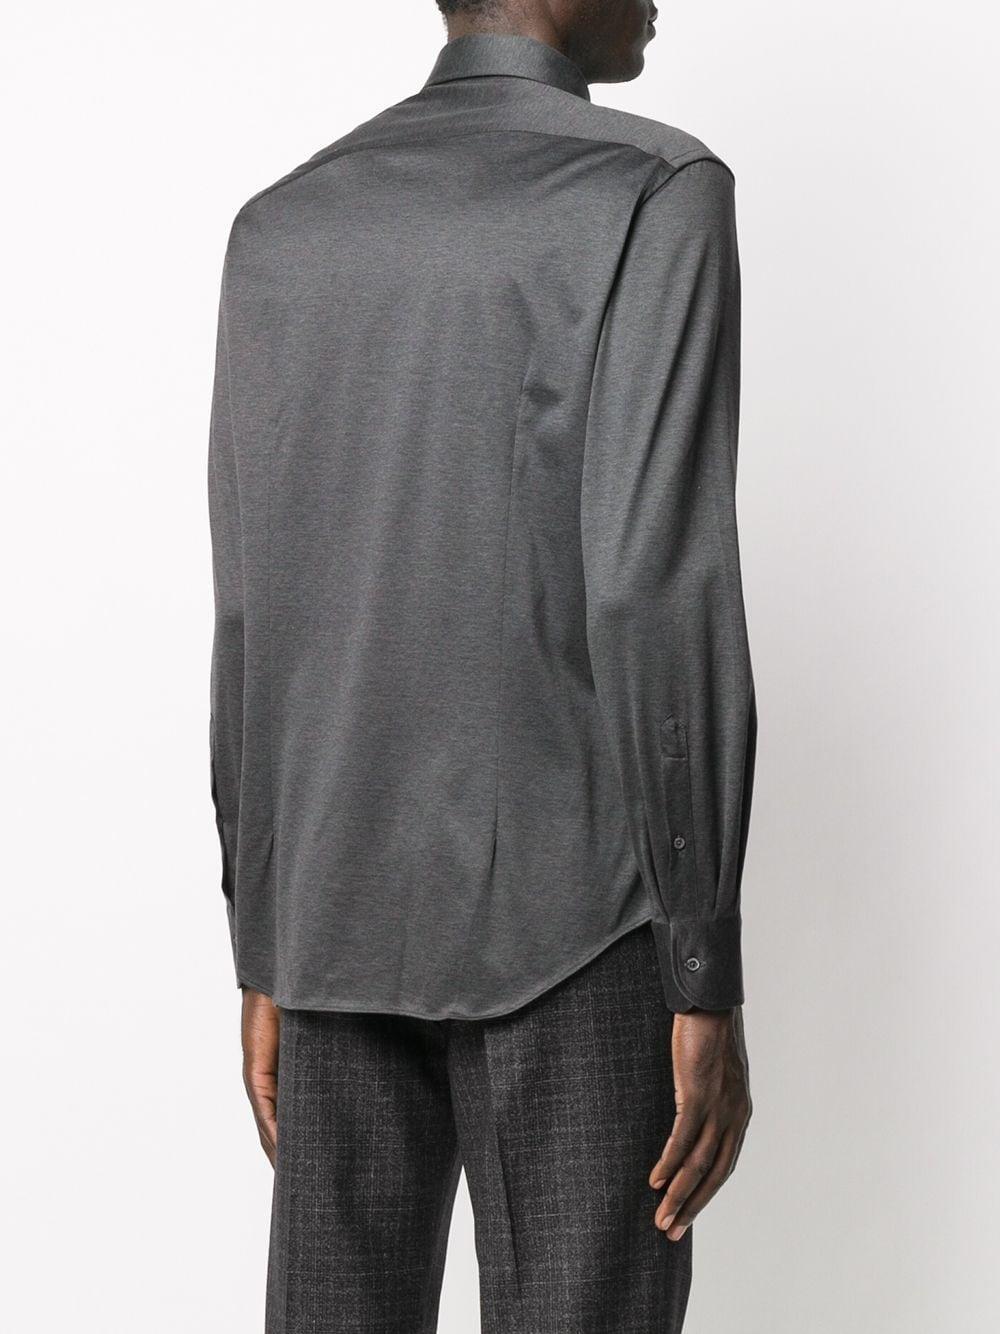 Corneliani Fijngebreid Overhemd in het Grijs voor heren